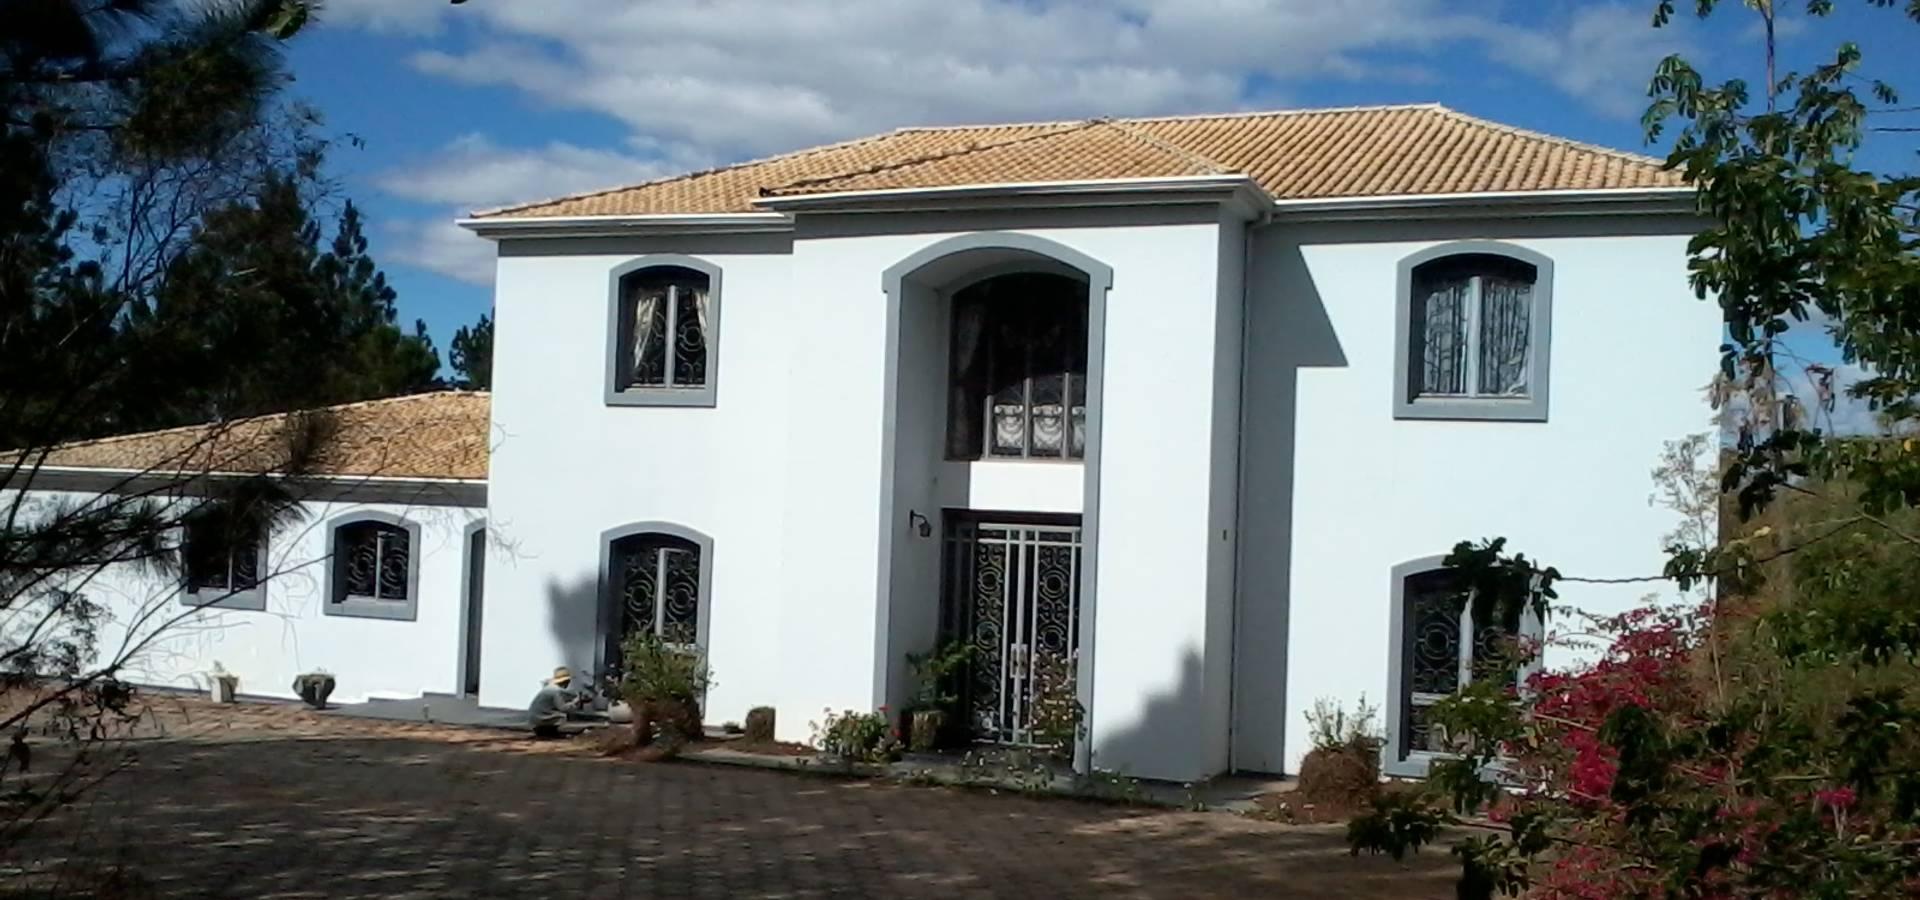 Carlos Guimarães Arquitetura & Interior Design